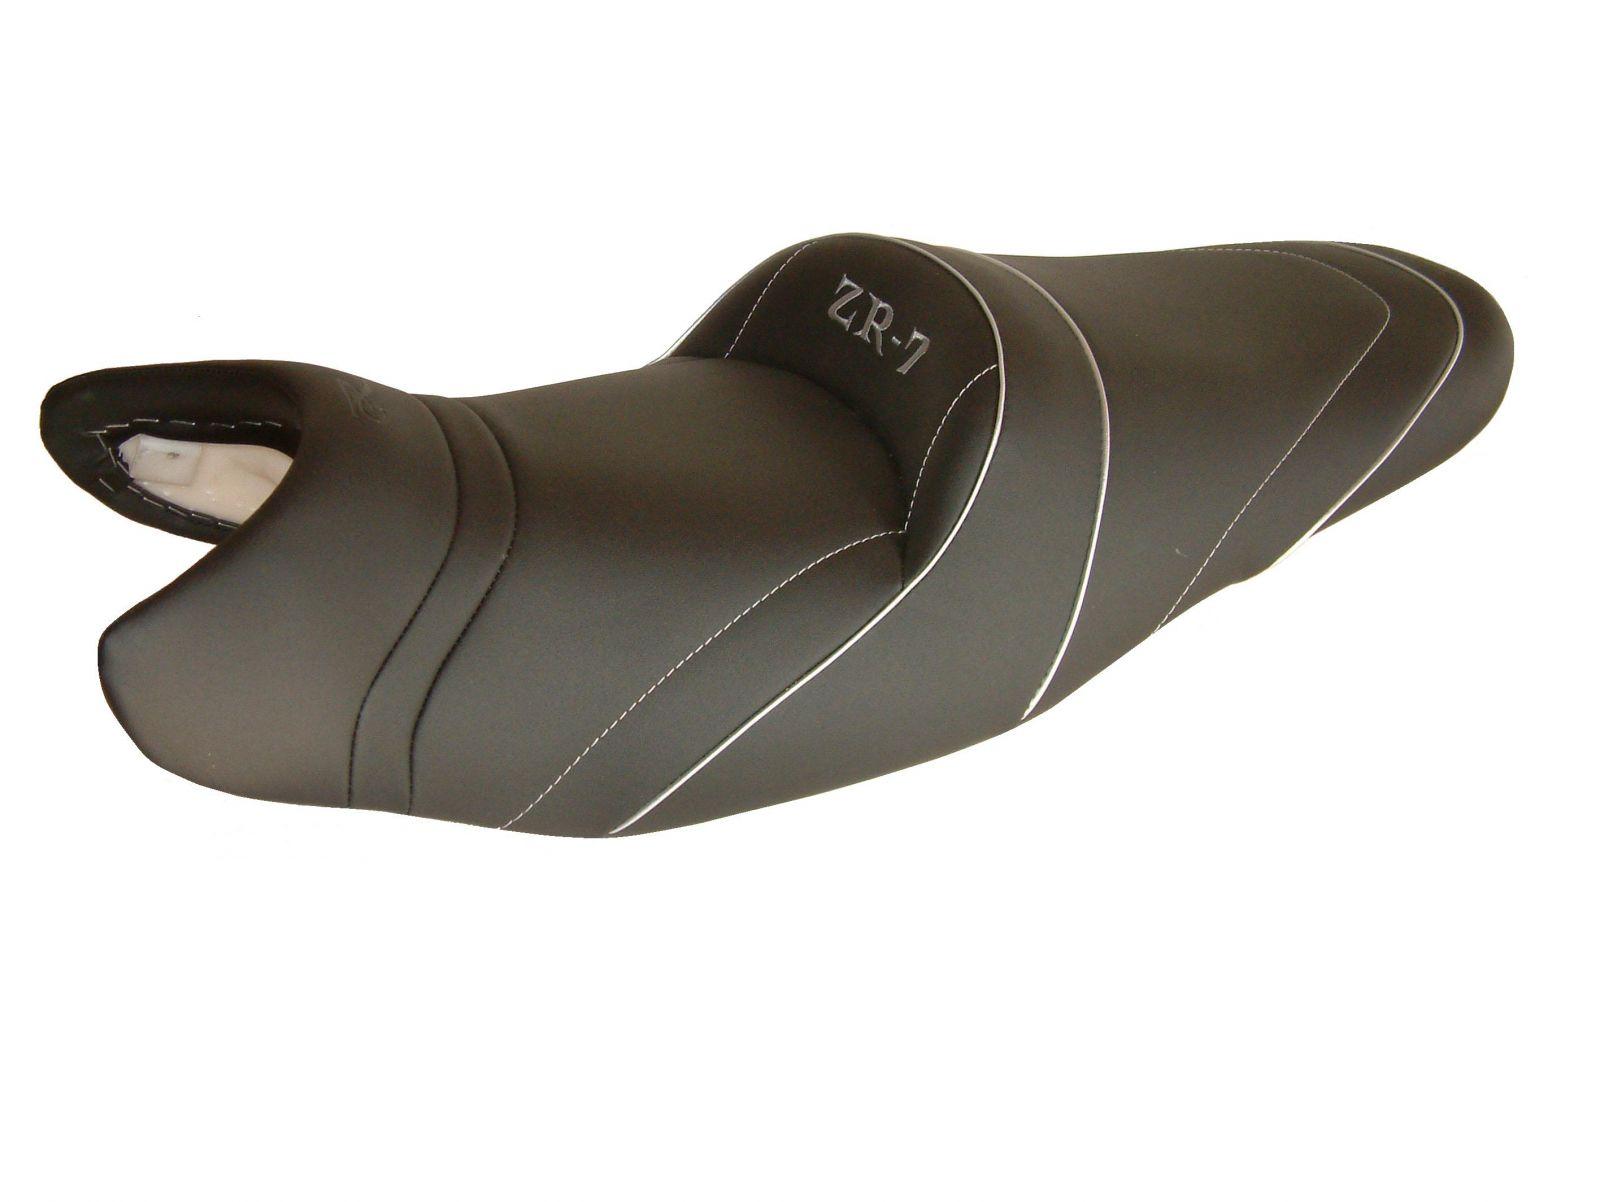 Sella Grande Confort SGC1572 - KAWASAKI ZR-7 / ZR-7S [1999-2004]